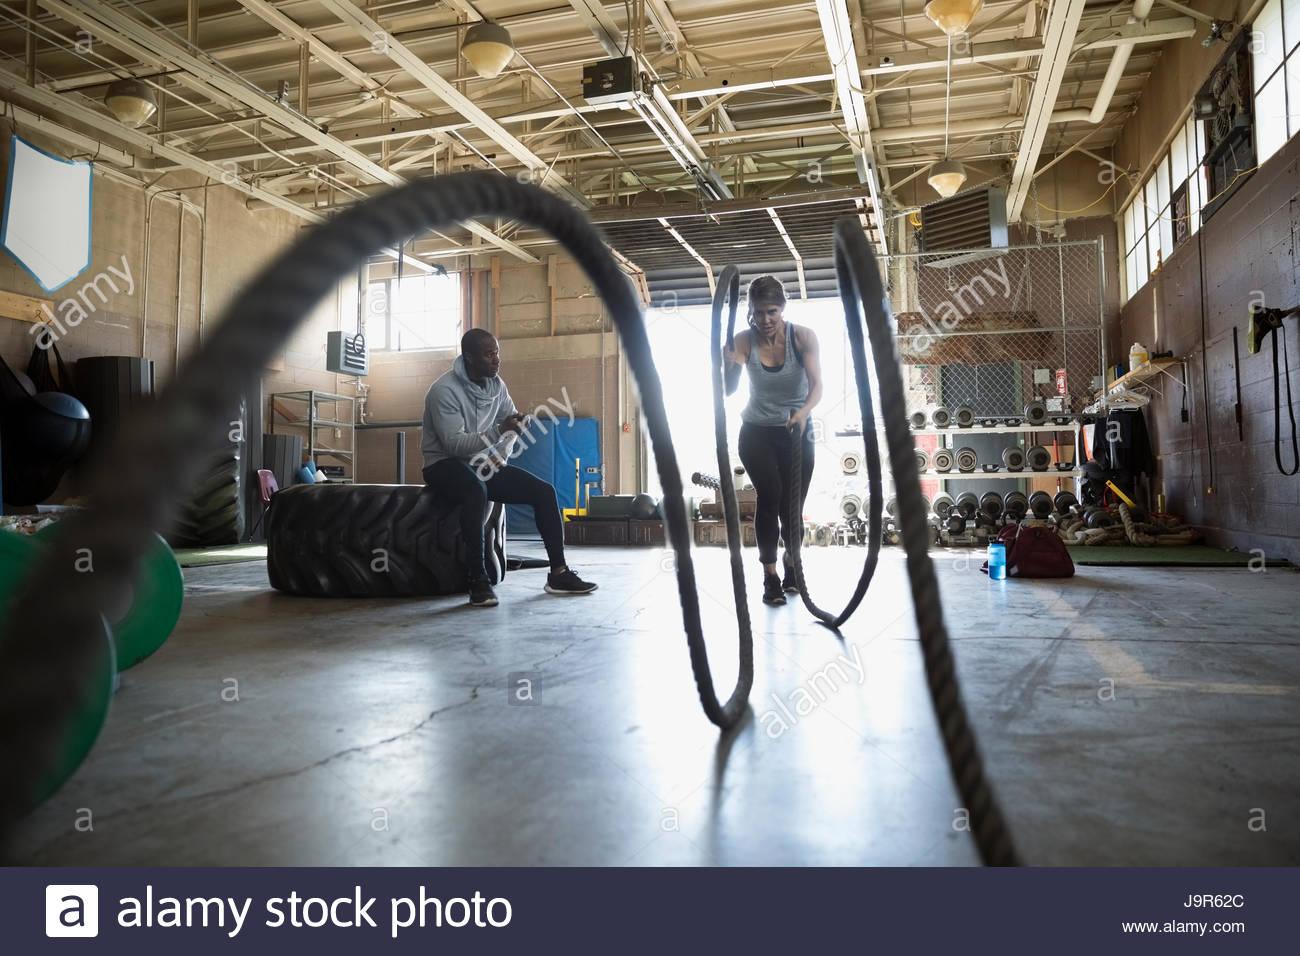 Maschio di personal trainer guardando client femmina facendo crossfit combattendo funi esercizio in palestra Immagini Stock